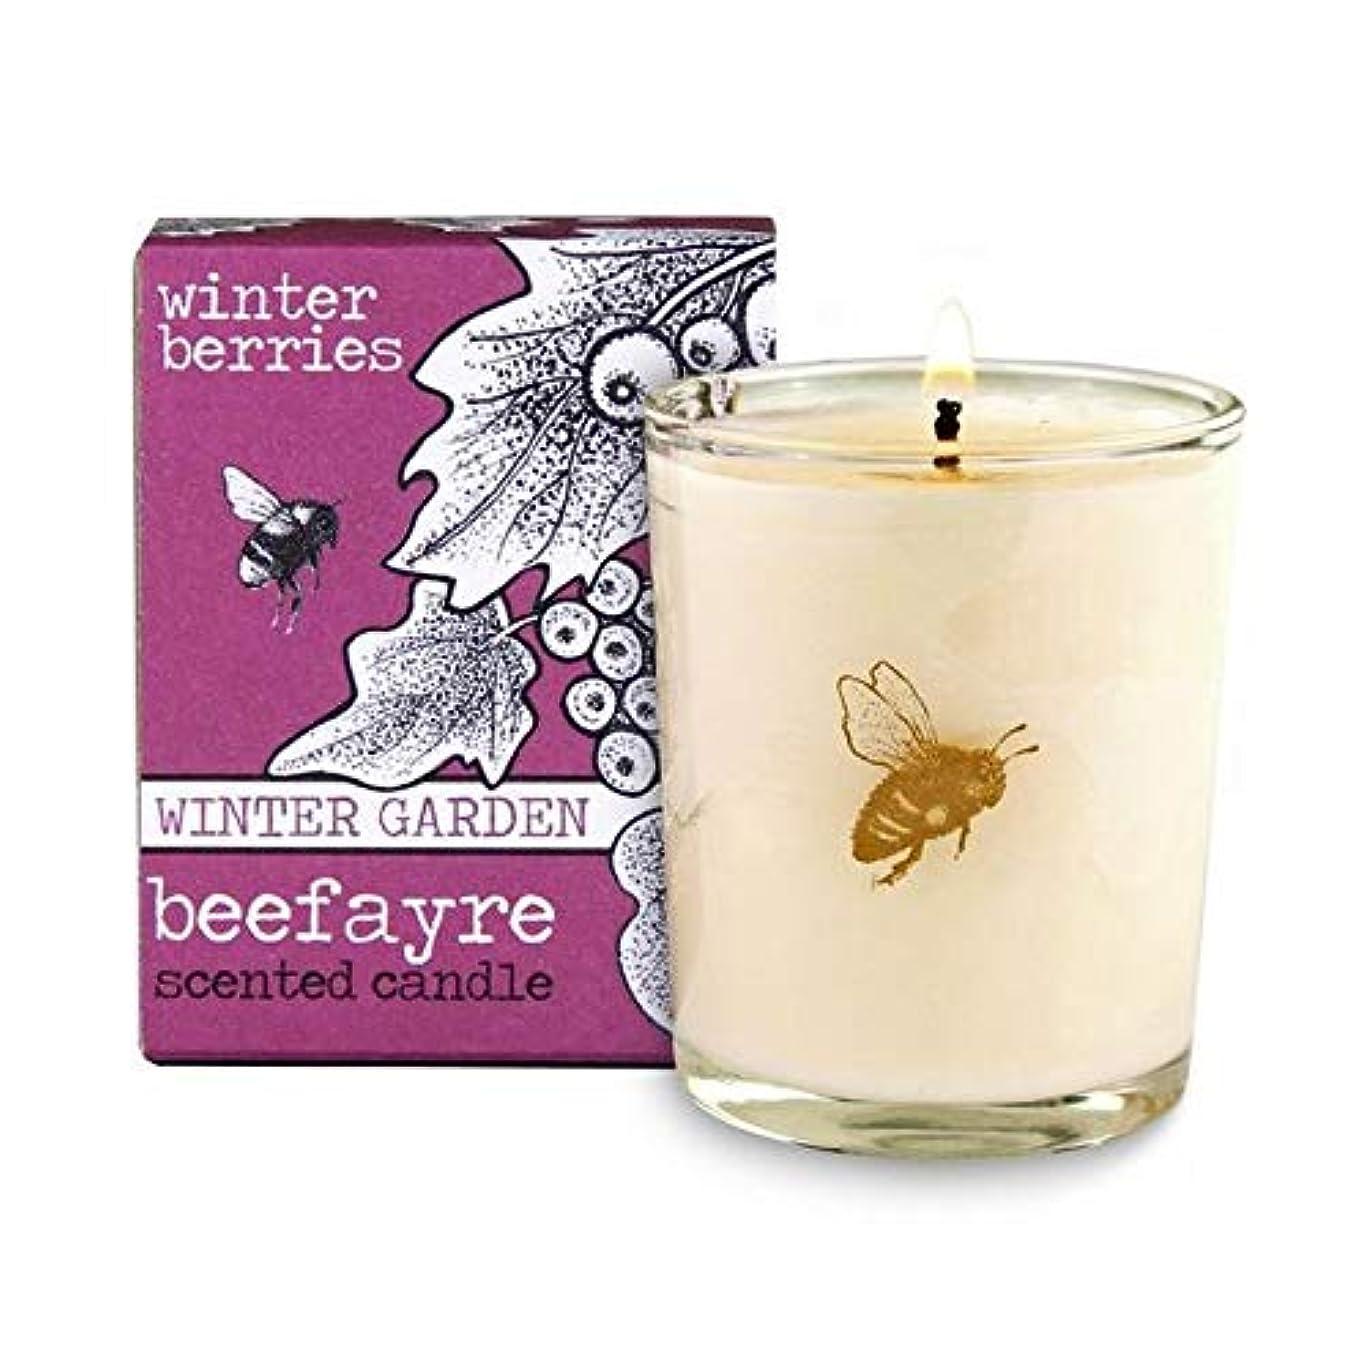 稼ぐアミューズメント輝く[Beefayre] Beefayre冬の果実小さな香りのキャンドル - Beefayre Winter Berries Small Scented Candle [並行輸入品]